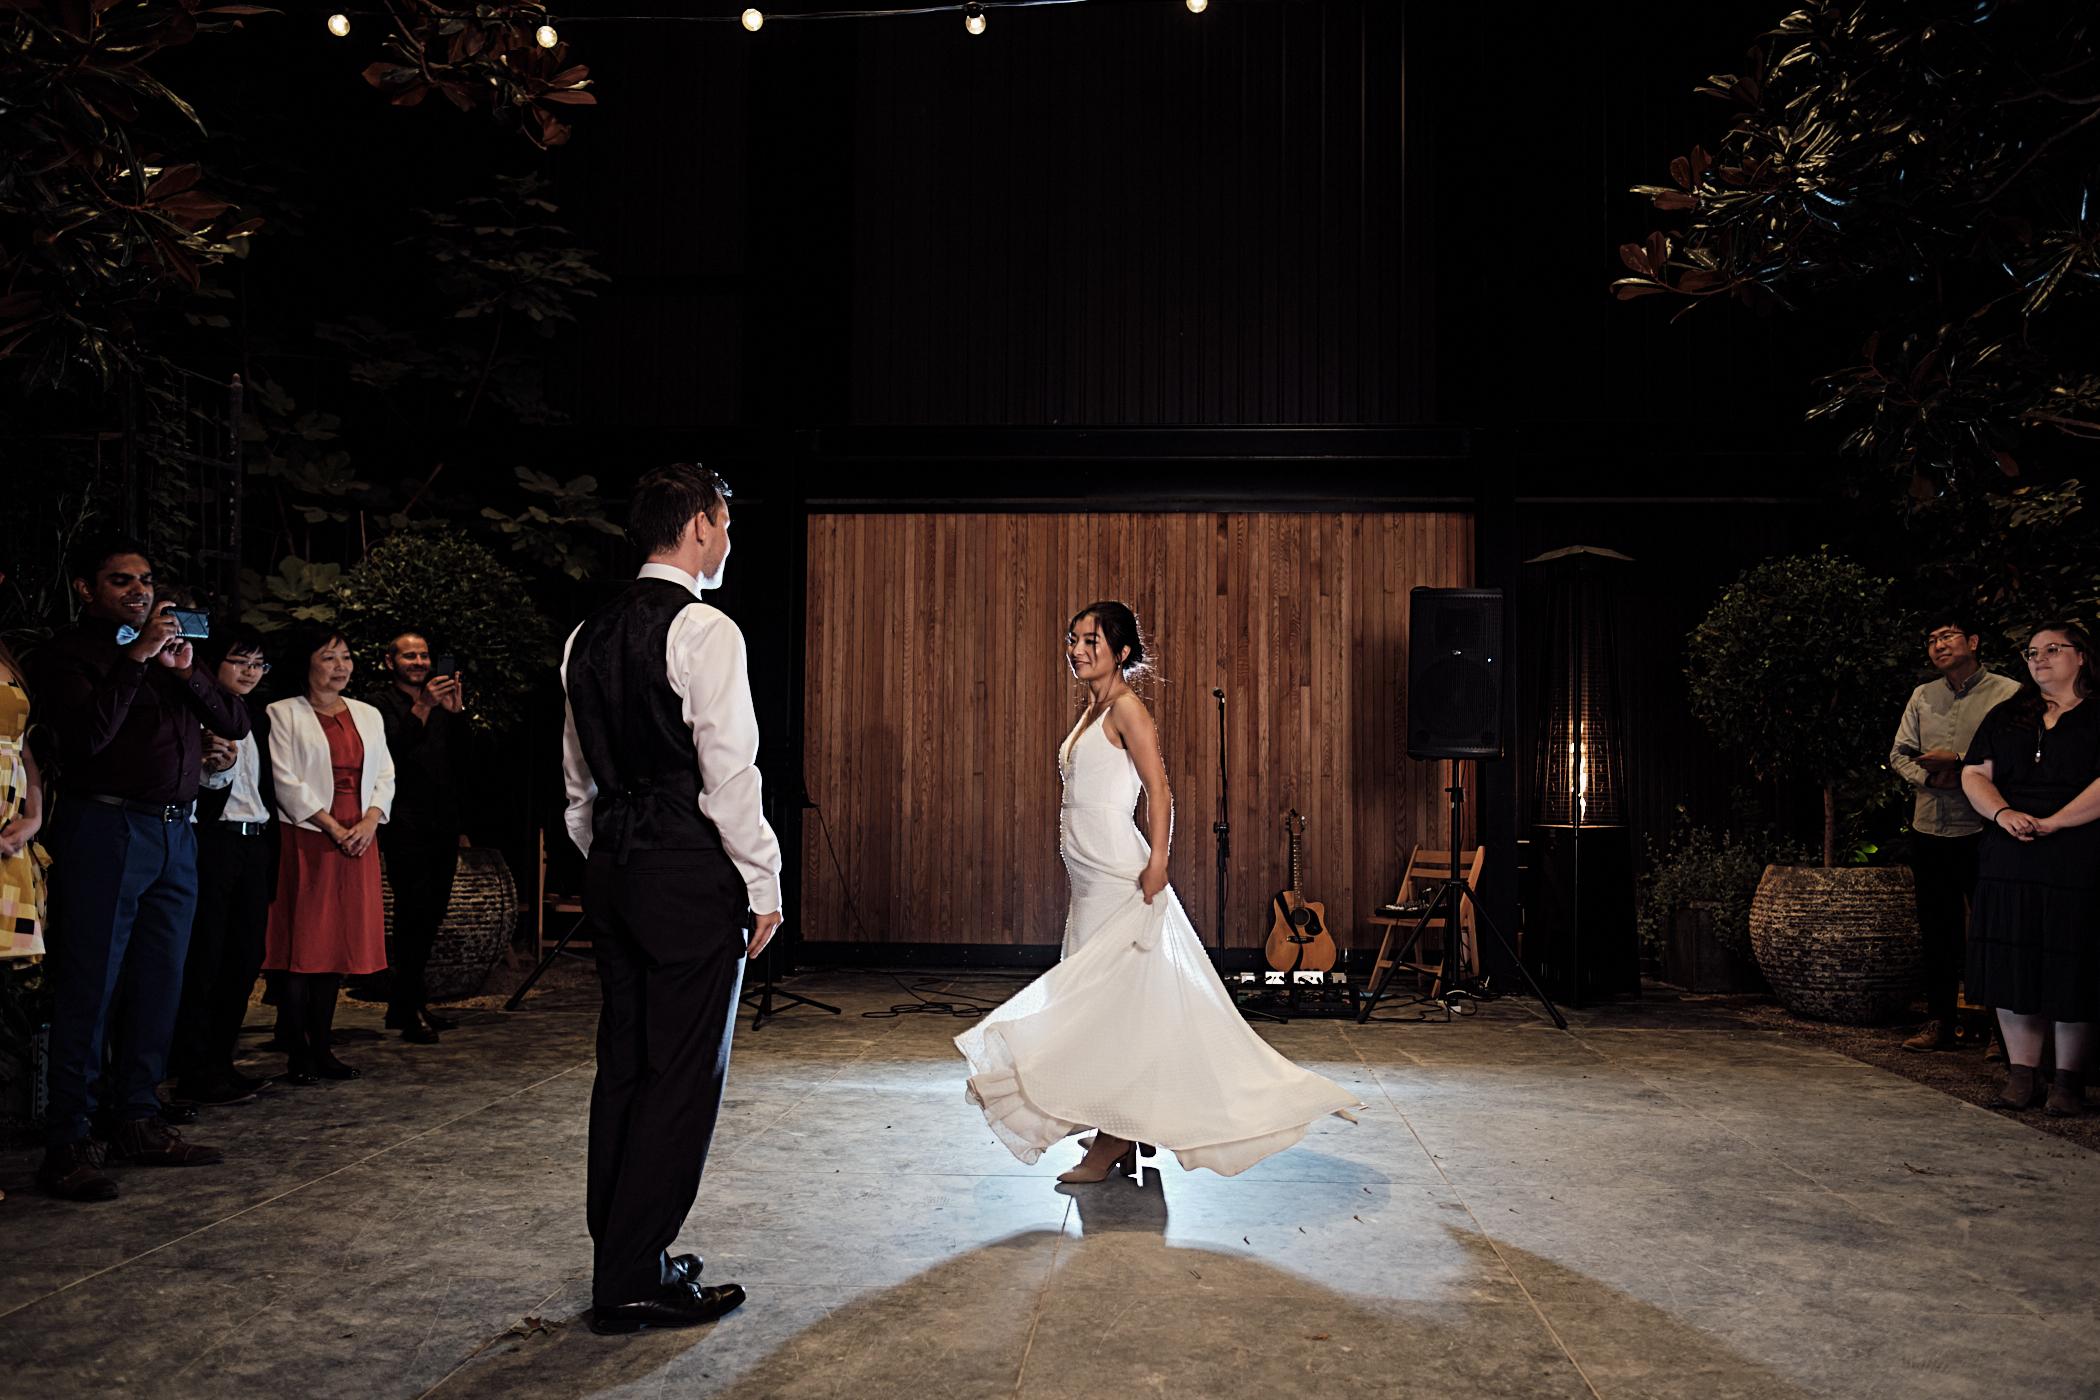 wedding photography 89399